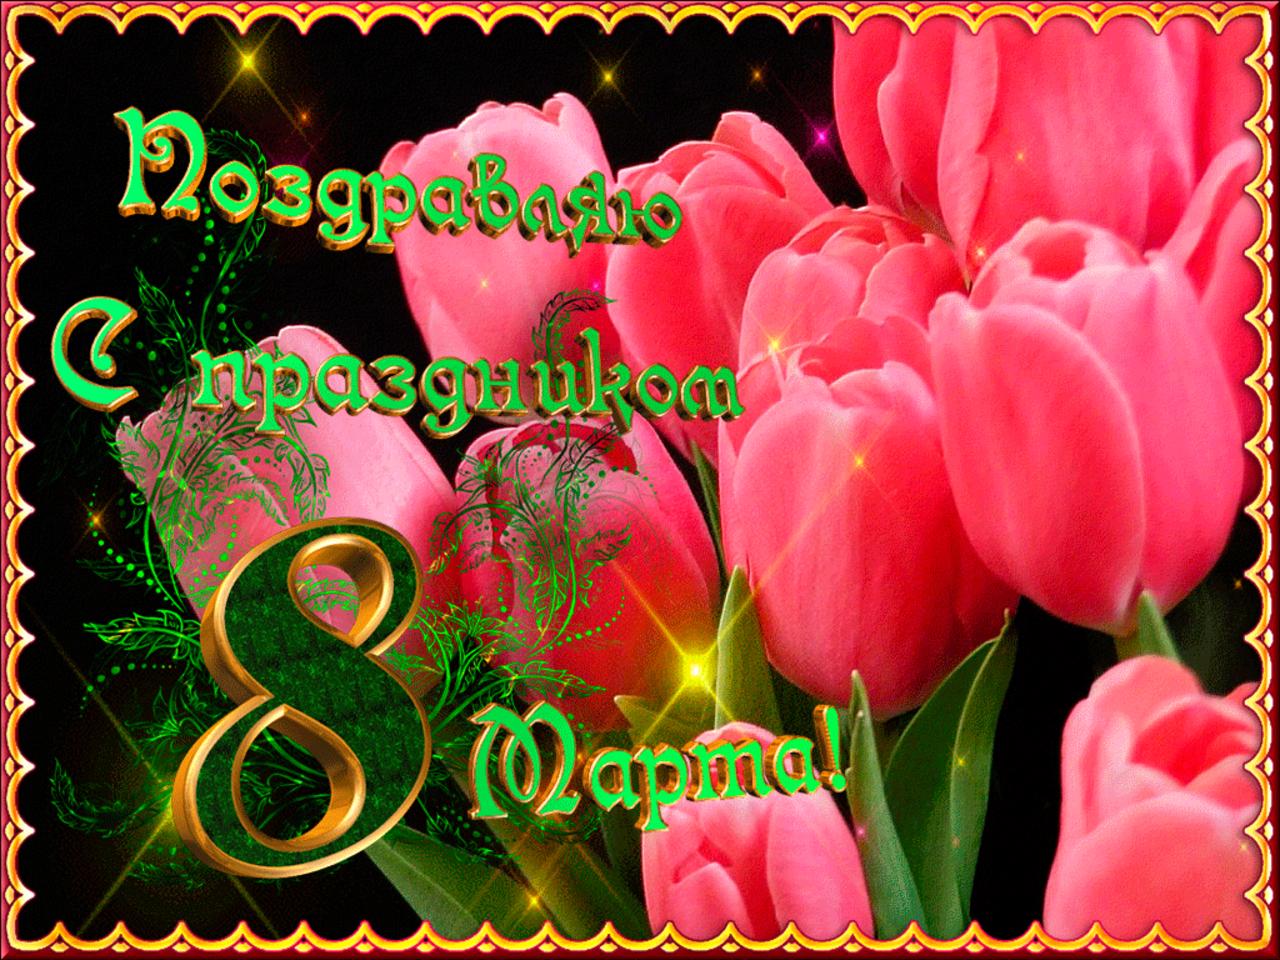 С 8 марта поздравления гифки новые